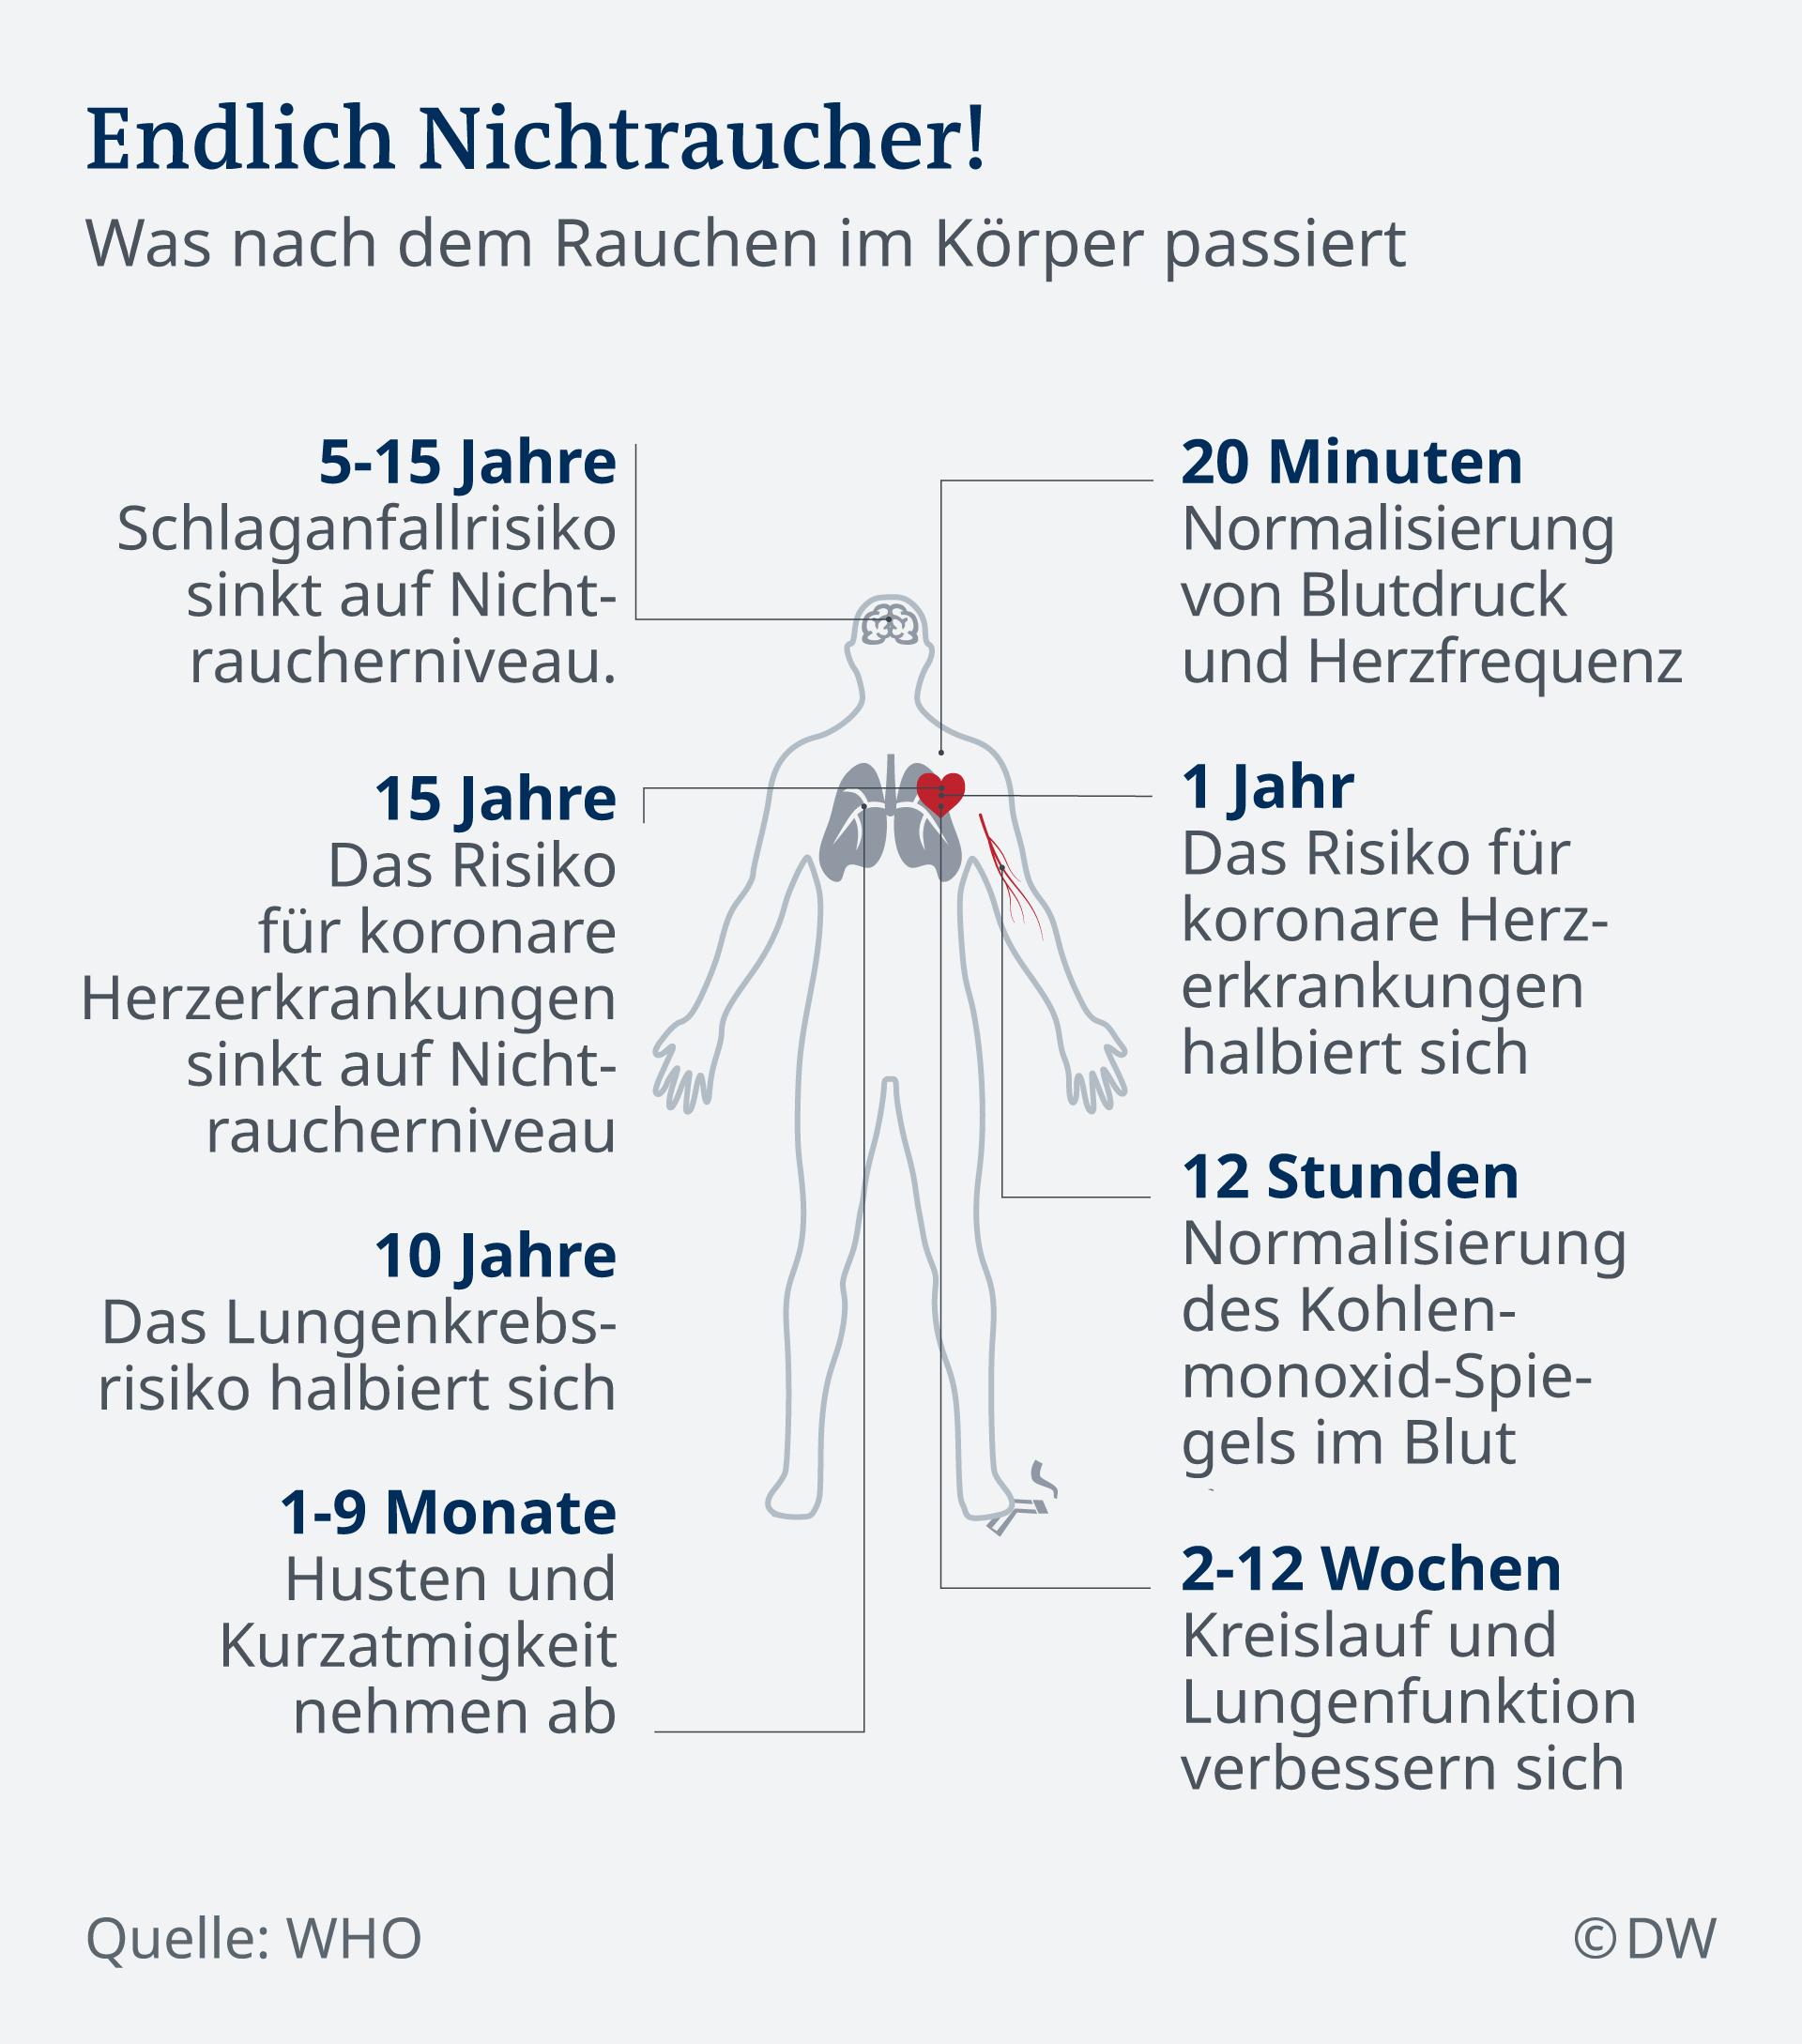 Infografik: Endlich Nichtraucher - was nach dem Rauchen im Körper passiert